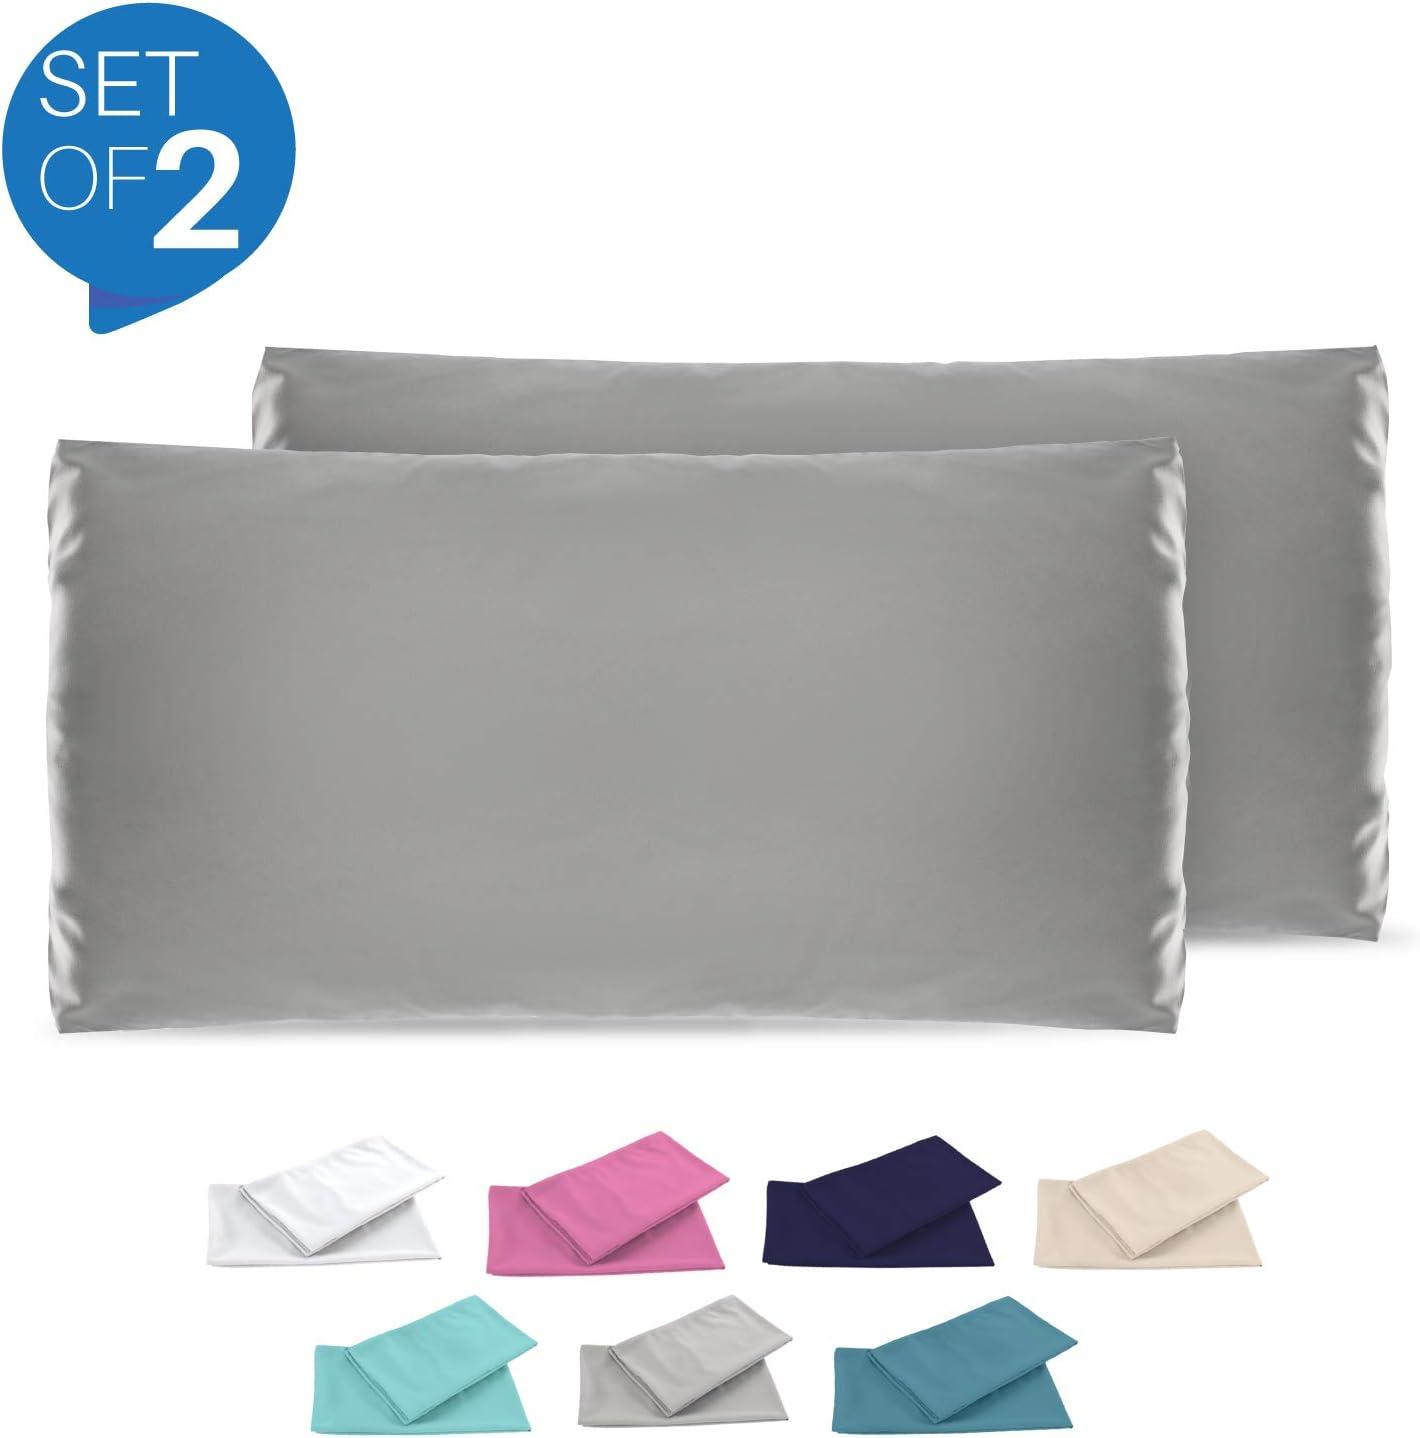 Dreamzie - Set de 2 x Funda de Almohada 50x80 cm, Gris Antracita, Microfibra (100% Poliéster) - Fundas de Almohadas Hipoalergénica - Fundas de Cojines de Calidad con una Suavidad Incomparable